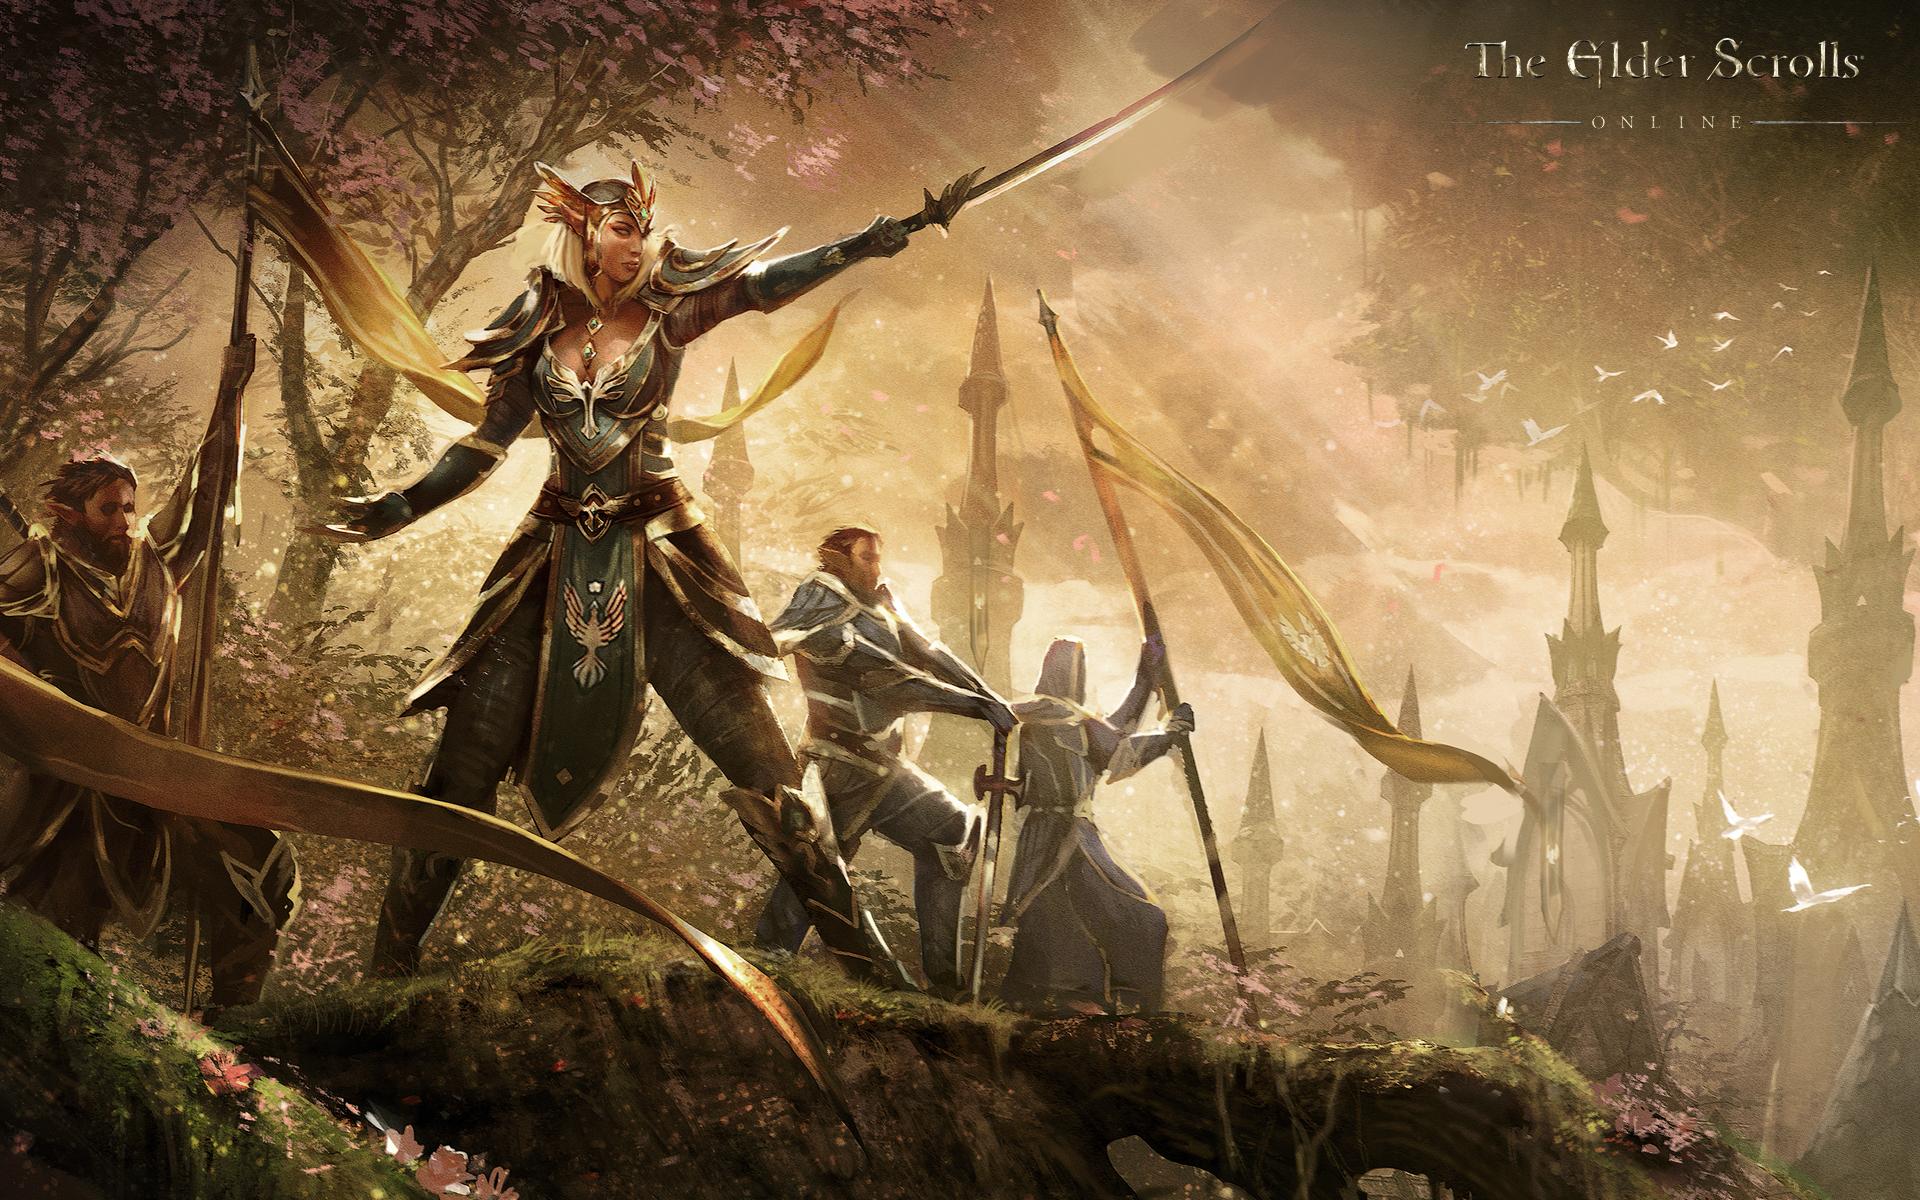 Бета The Elder Scrolls Online будет запущена в ближайшие несколько месяцев - Изображение 1